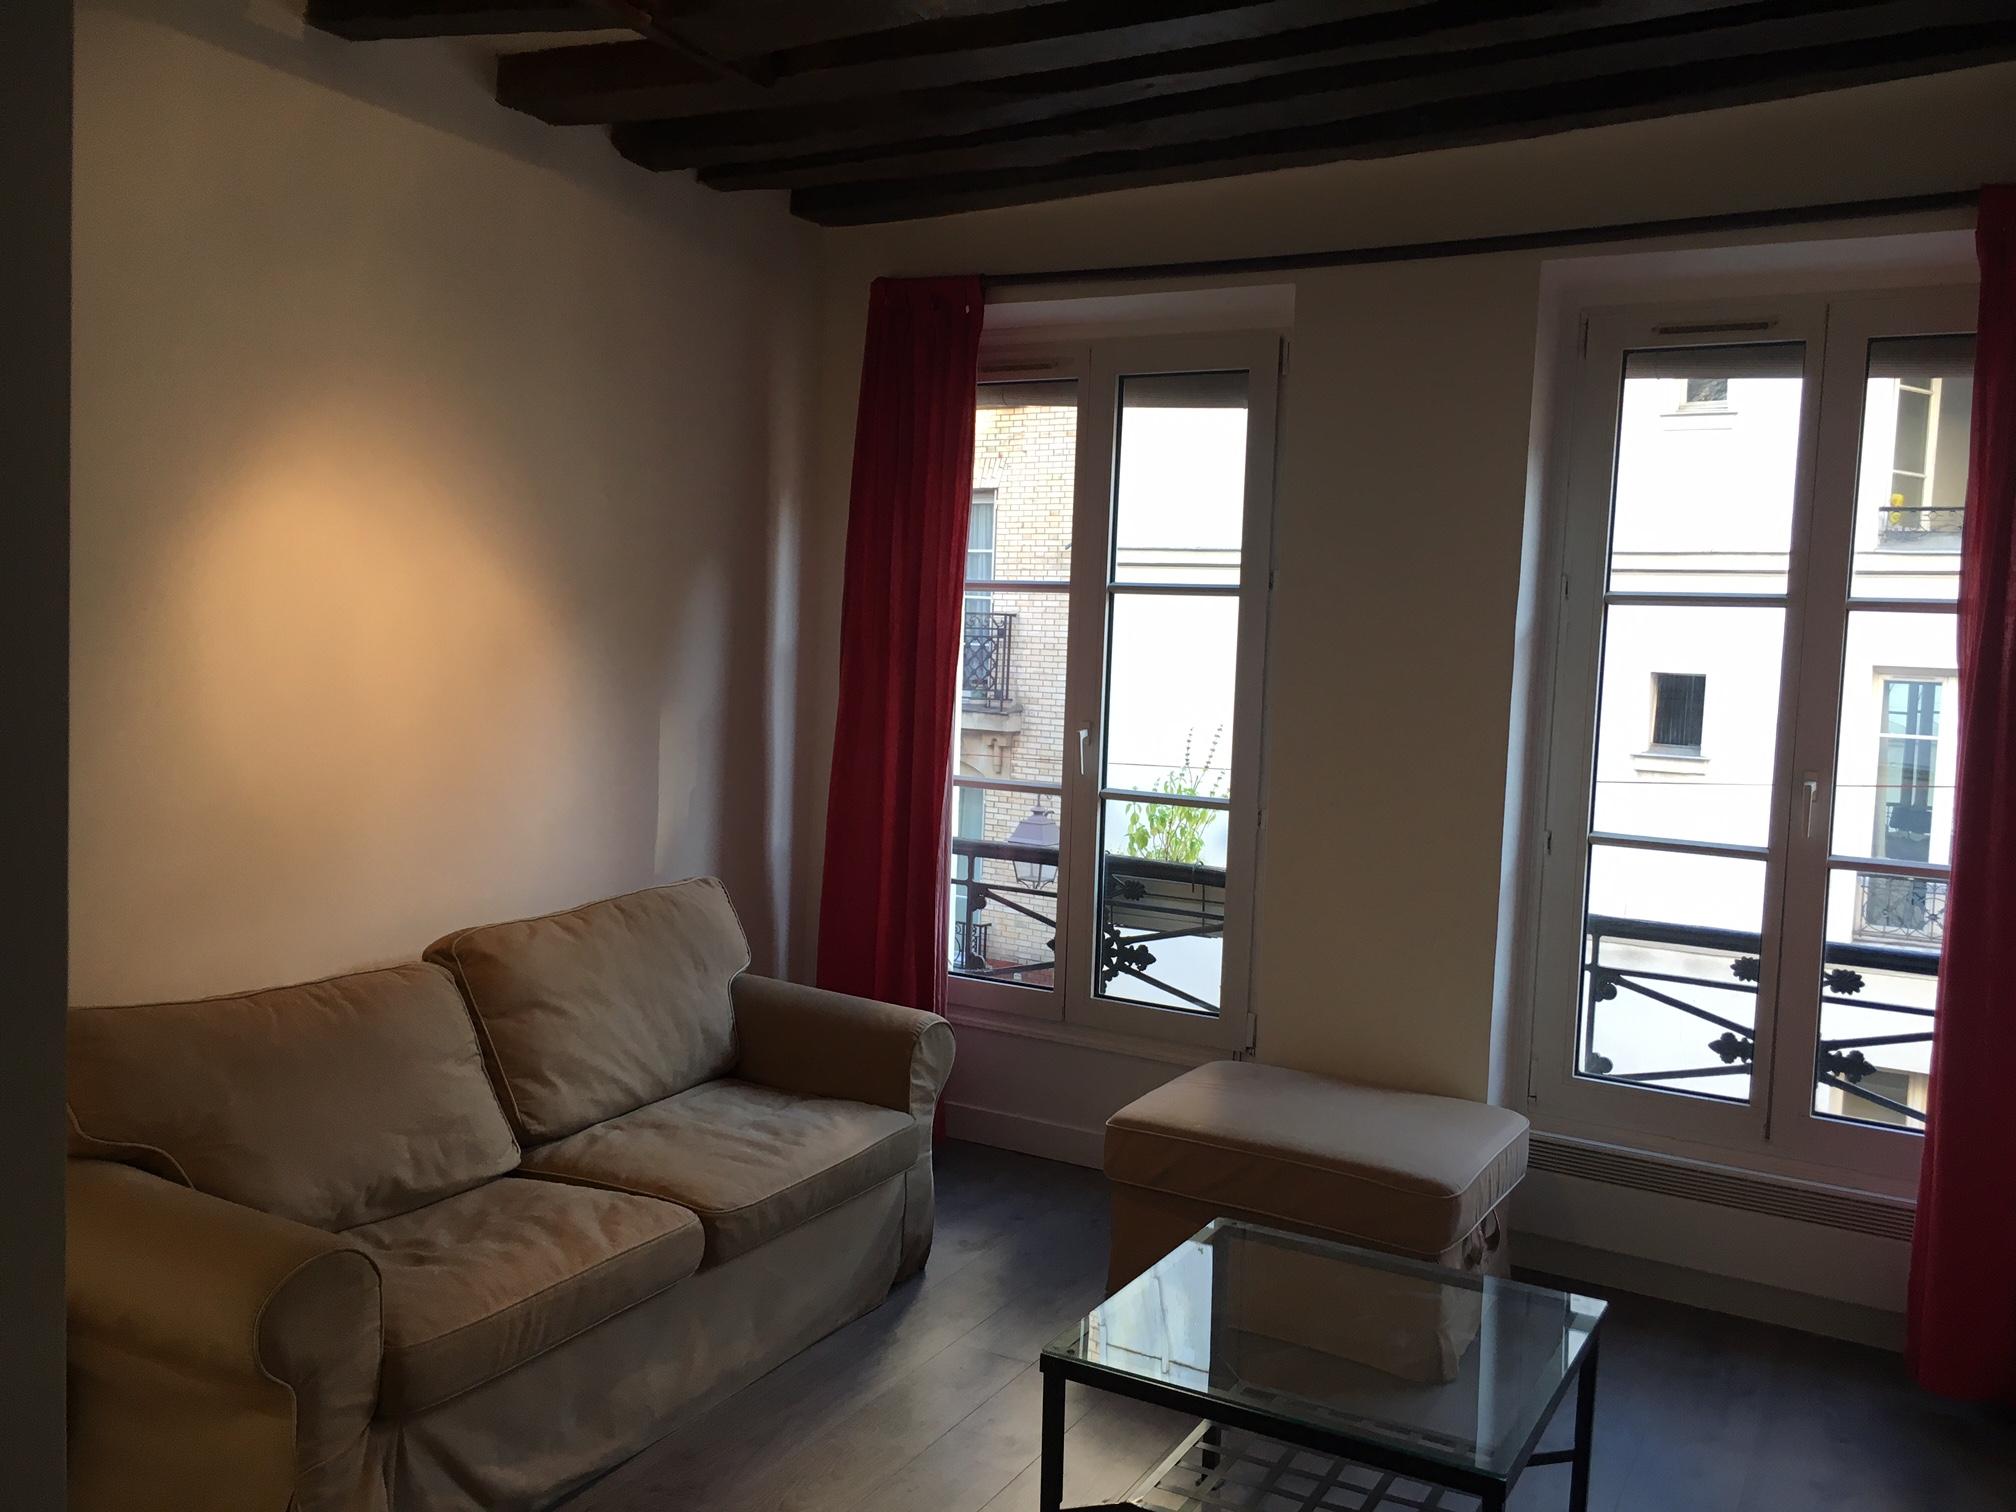 valiere-cortez-location-studio-mouffetard-salon-vue-fenêtres 2